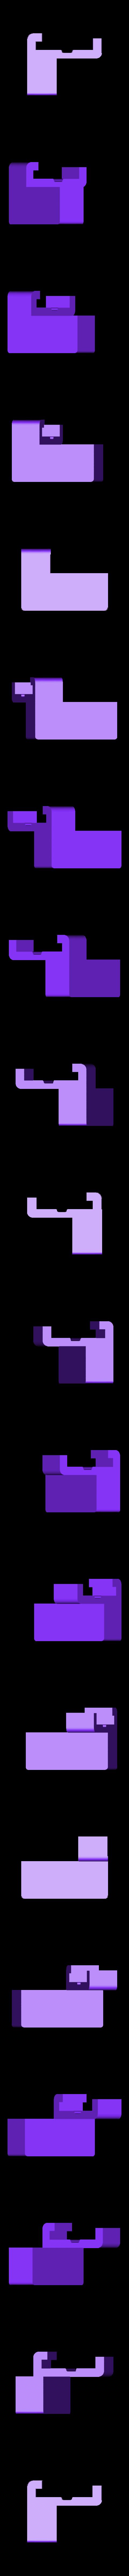 Left_Block.stl Télécharger fichier STL gratuit Bloc de lampe à pince pour Prusa i3 Mk2 • Modèle pour imprimante 3D, alexwhittemore